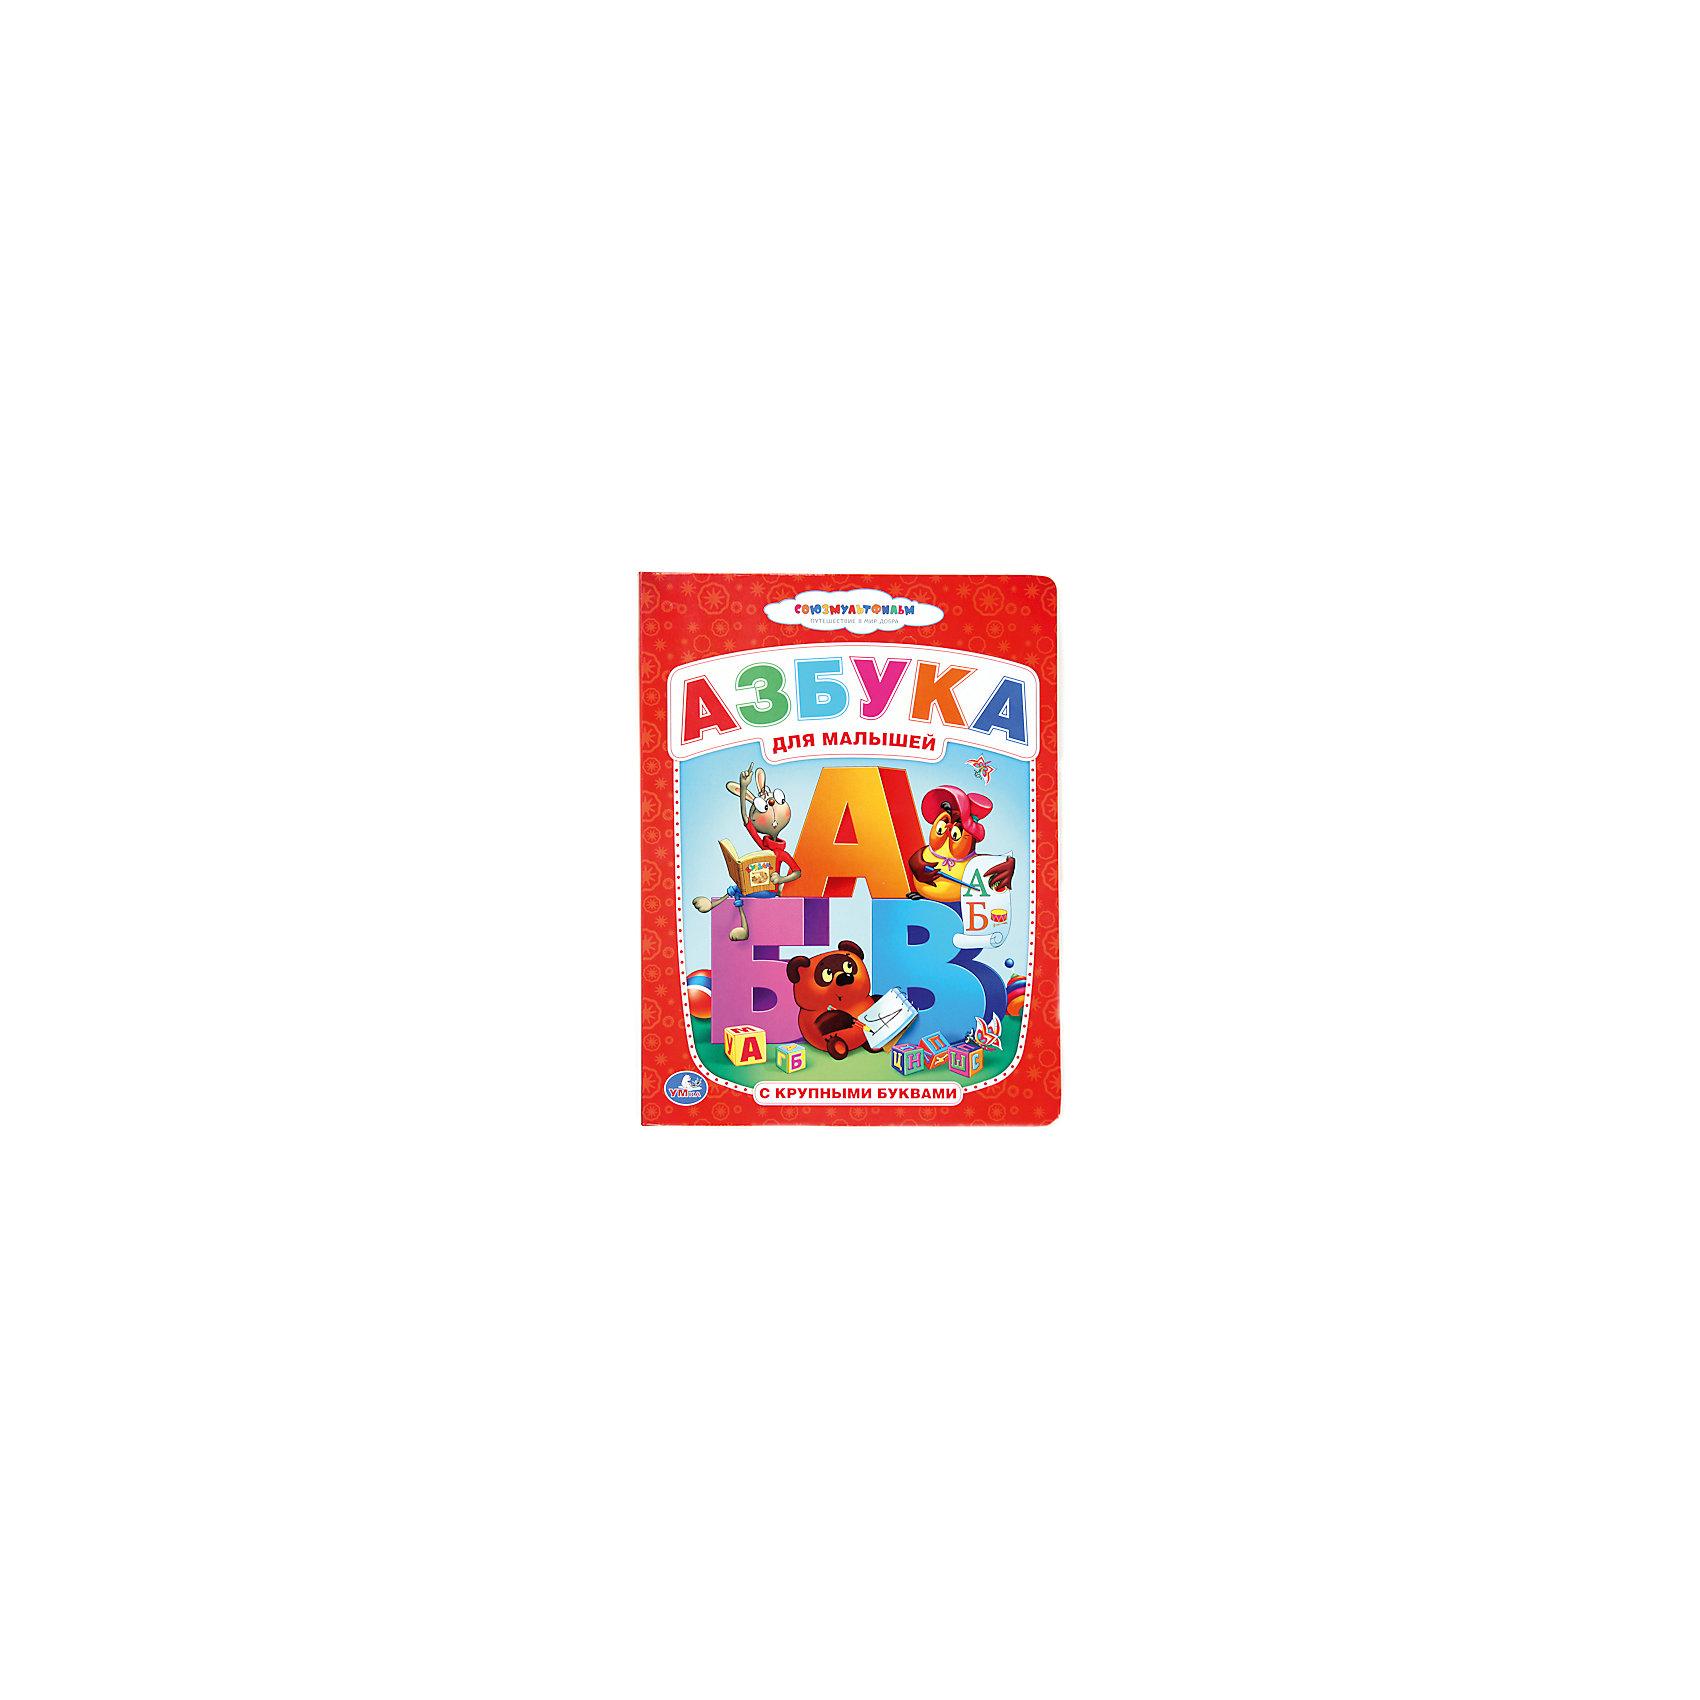 Азбука для малышей, Союзмультфильм